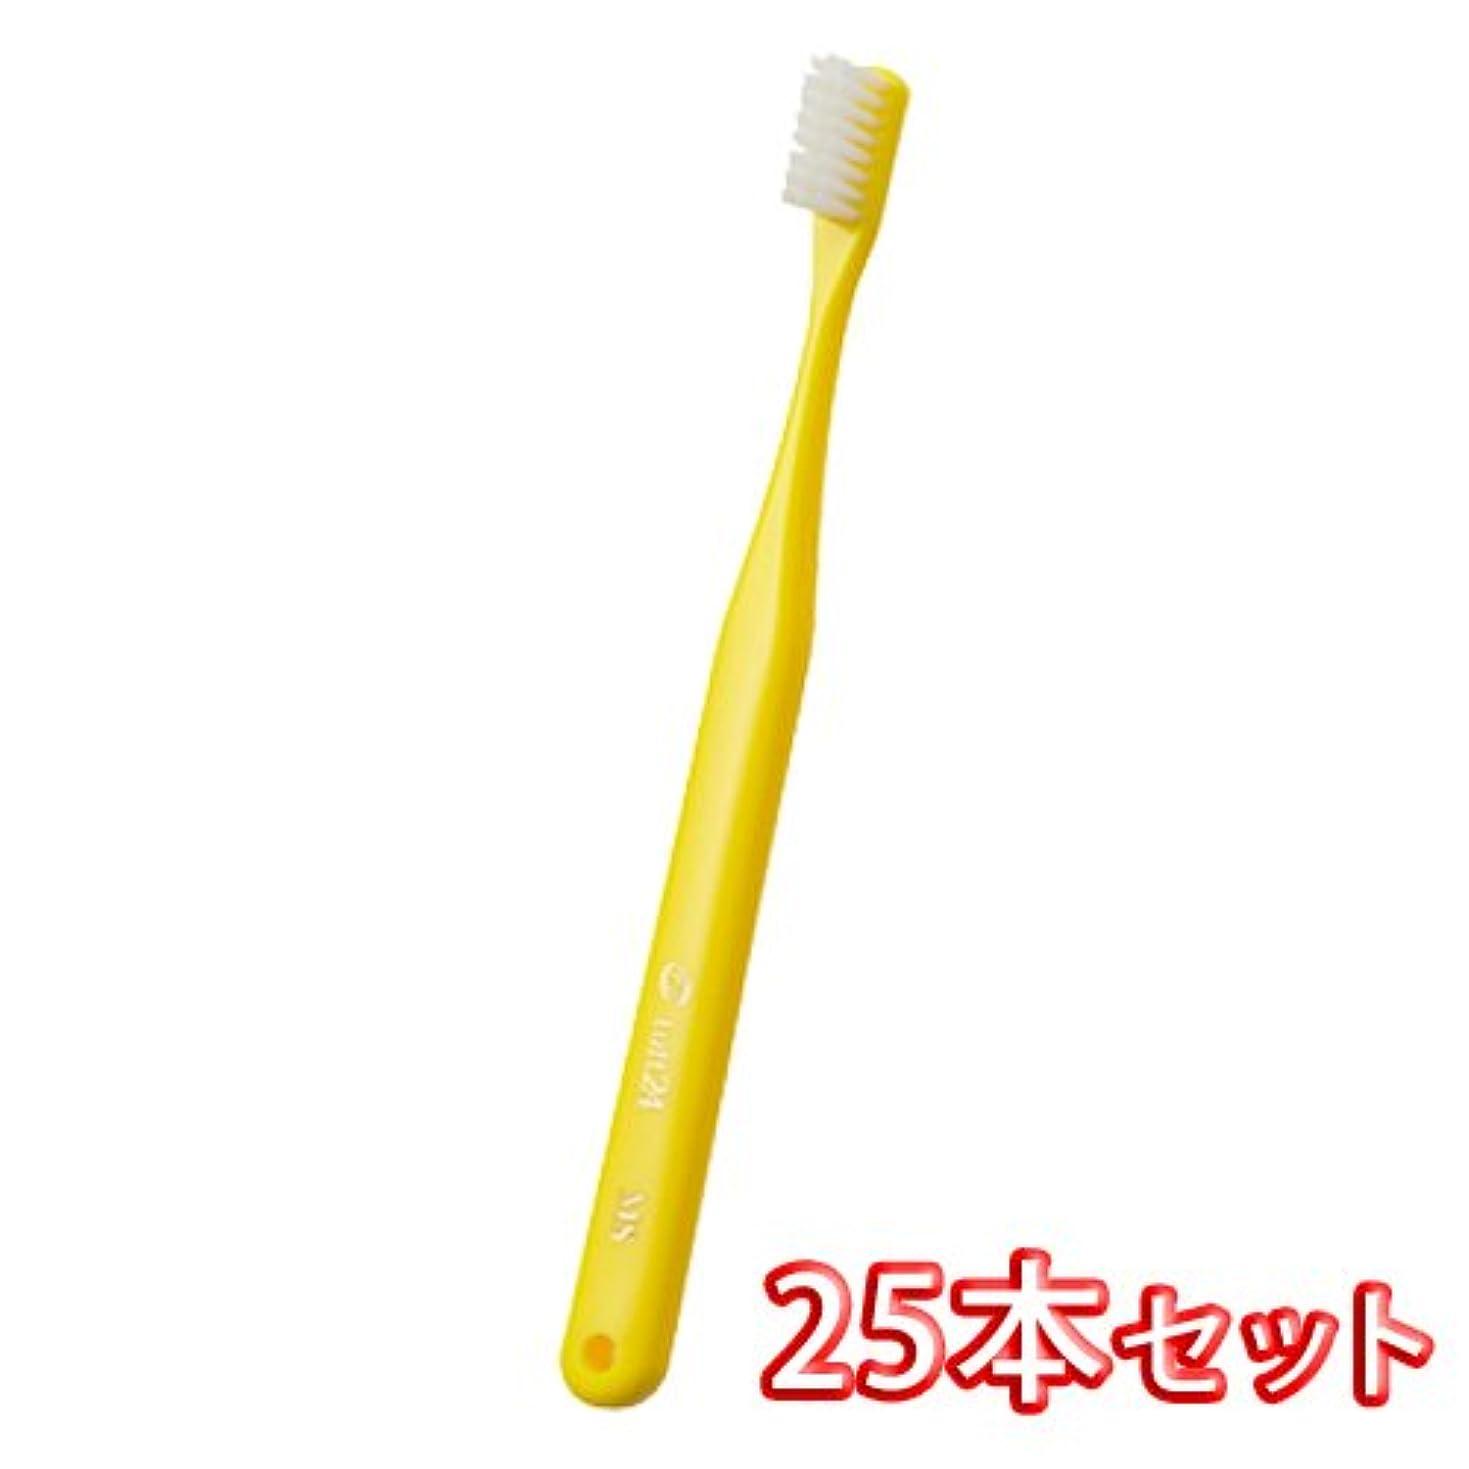 フレッシュチロ負担オーラルケア キャップ付き タフト 24 歯ブラシ 25本入 ミディアムハード MH (イエロー)